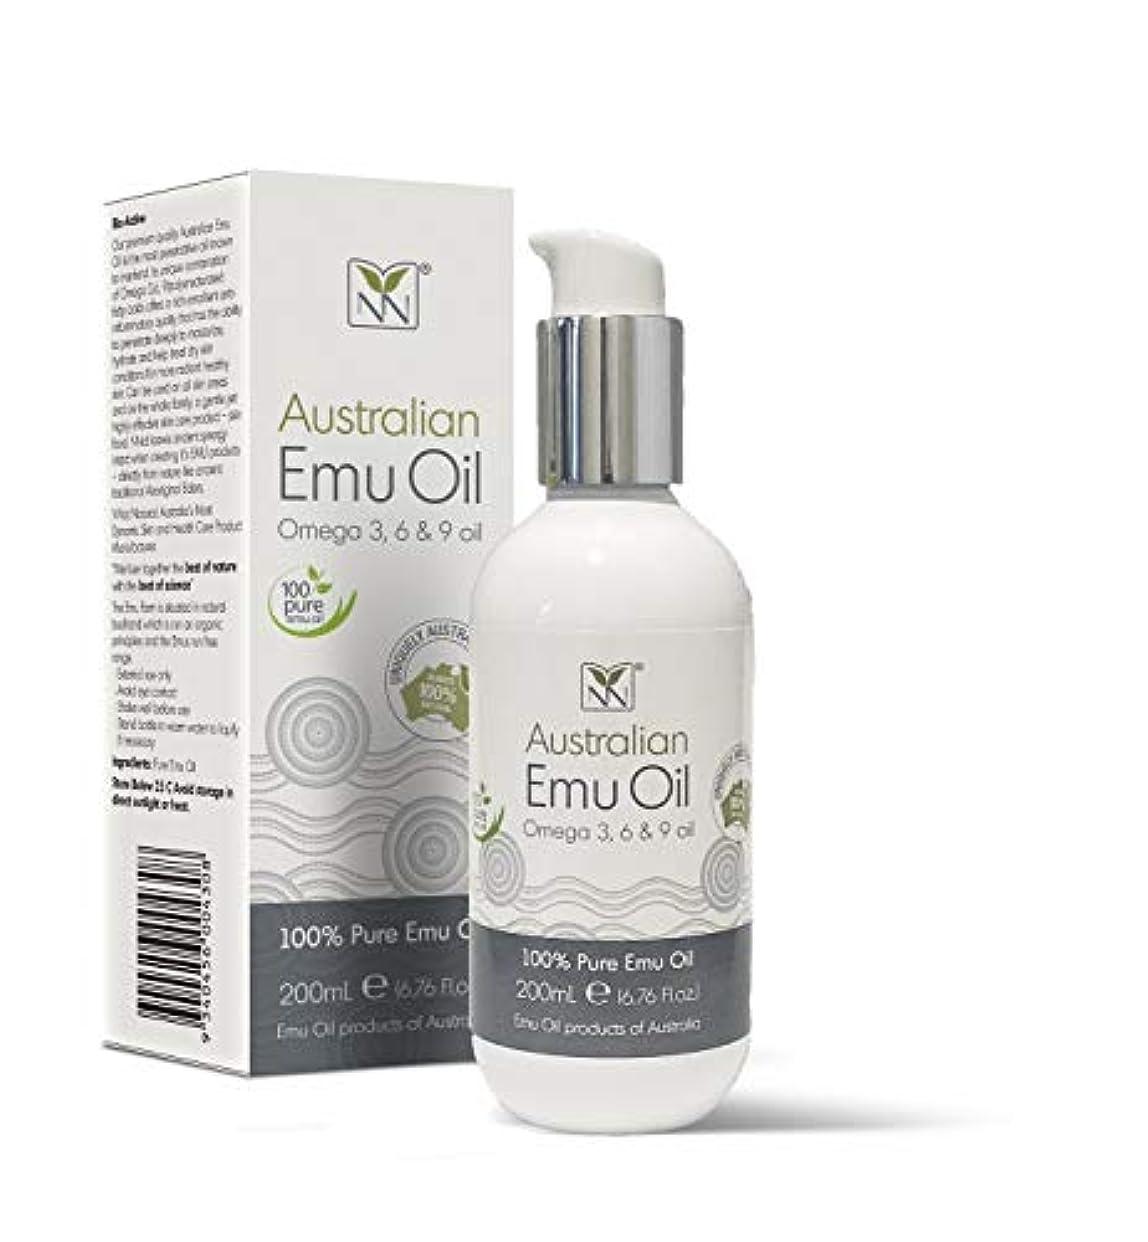 気づかないサラダ動作Y Not Natural エミューオイル EMU OIL 無添加100% 保湿性 浸透性 抜群 プレミアム品質 エミュー油 (200 ml)